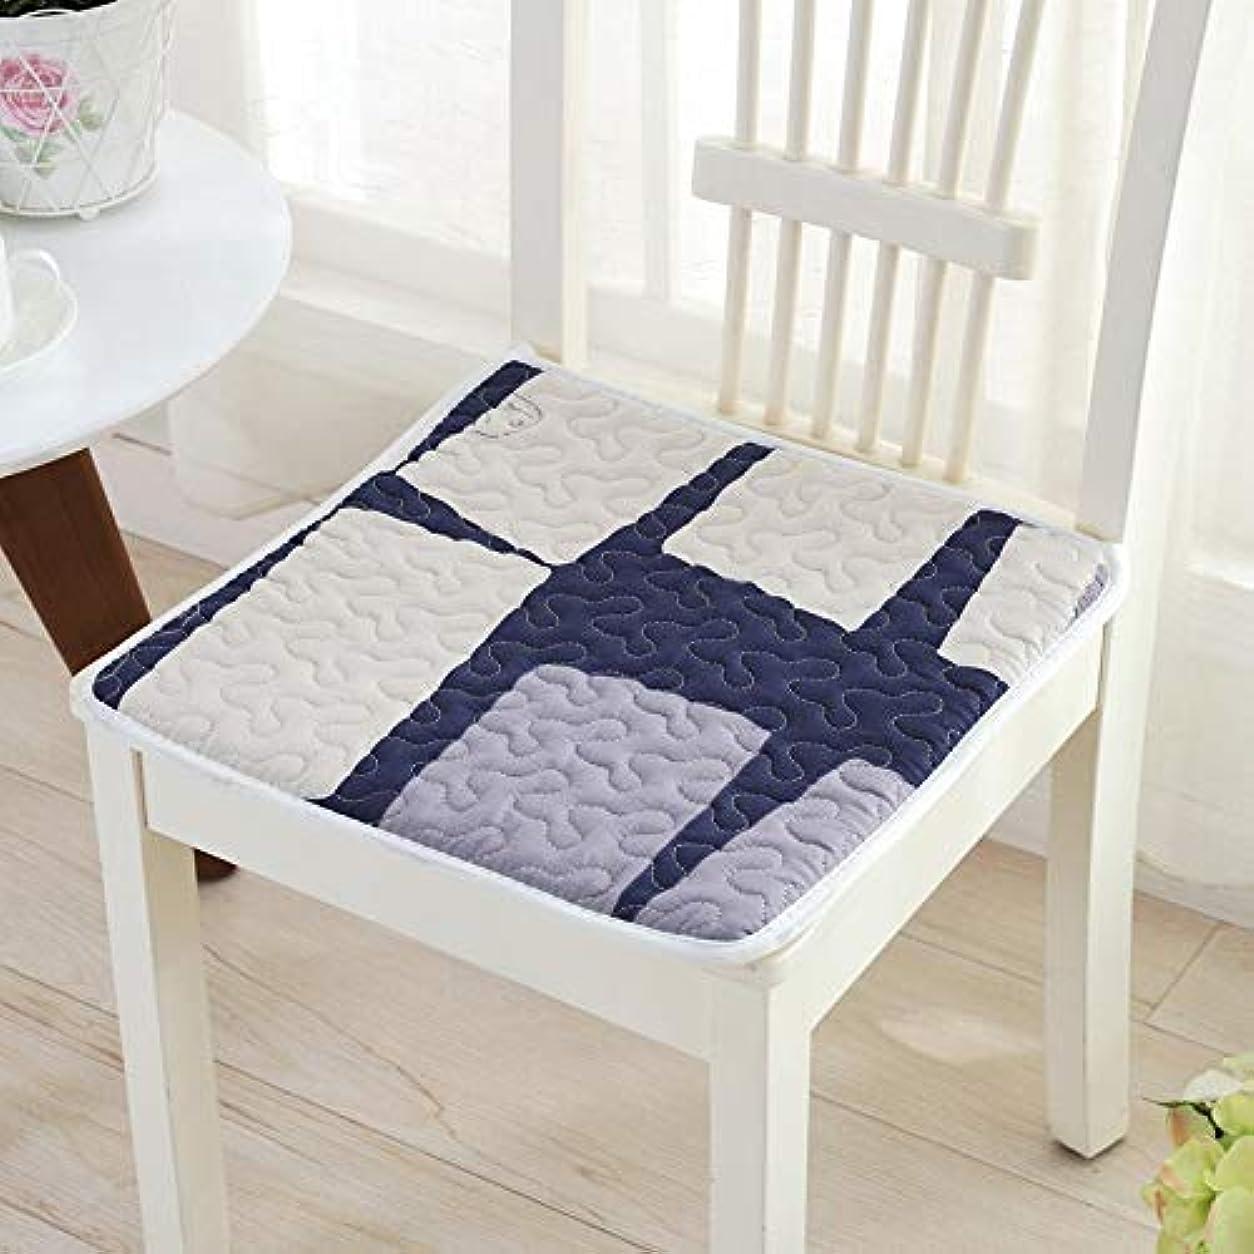 チャネルジョブ関係ないLIFE 現代スーパーソフト椅子クッション非スリップシートクッションマットソファホームデコレーションバッククッションチェアパッド 40*40/45*45/50*50 センチメートル クッション 椅子